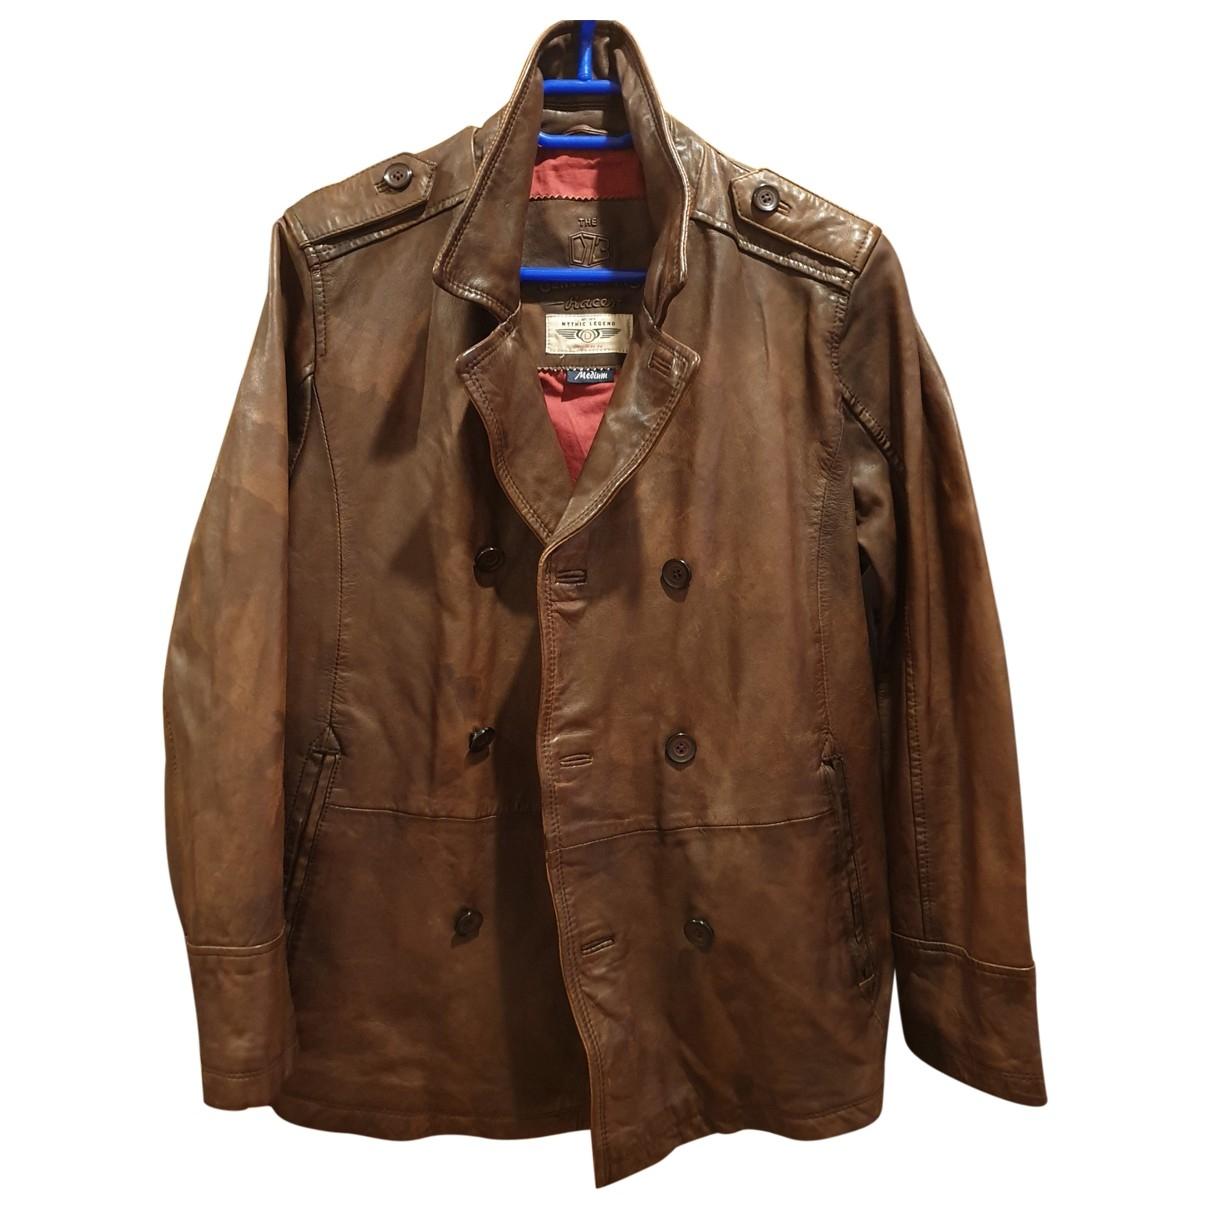 Daytona - Vestes.Blousons   pour homme en cuir - marron